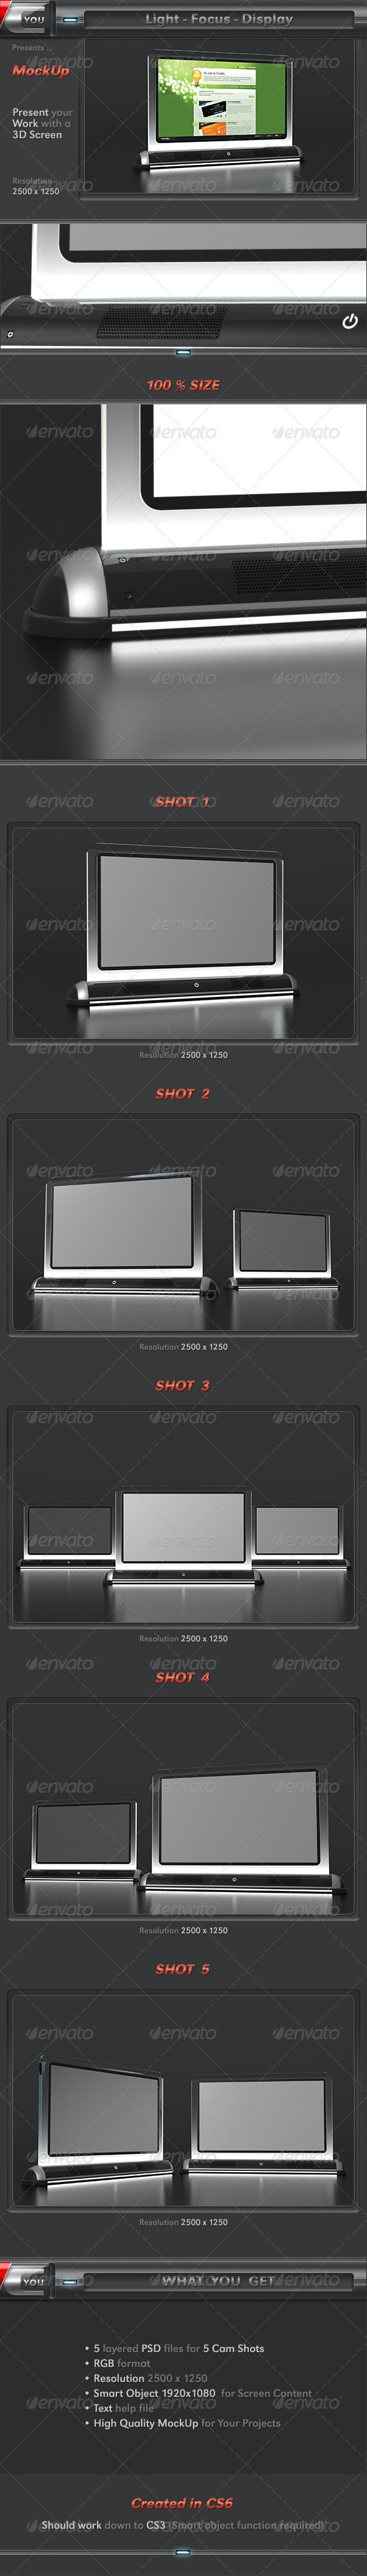 Light Focus Display Screen Mock-Up - Miscellaneous Displays